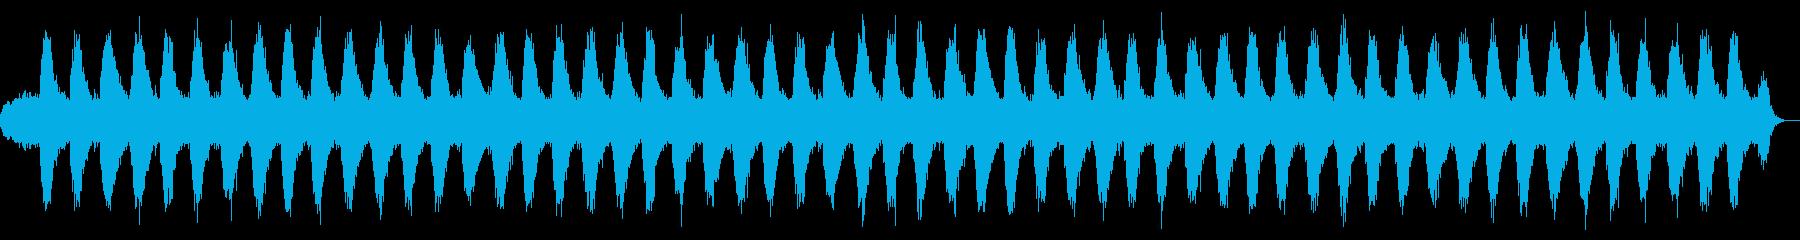 ヒーリング/リラクゼーションBGMの再生済みの波形